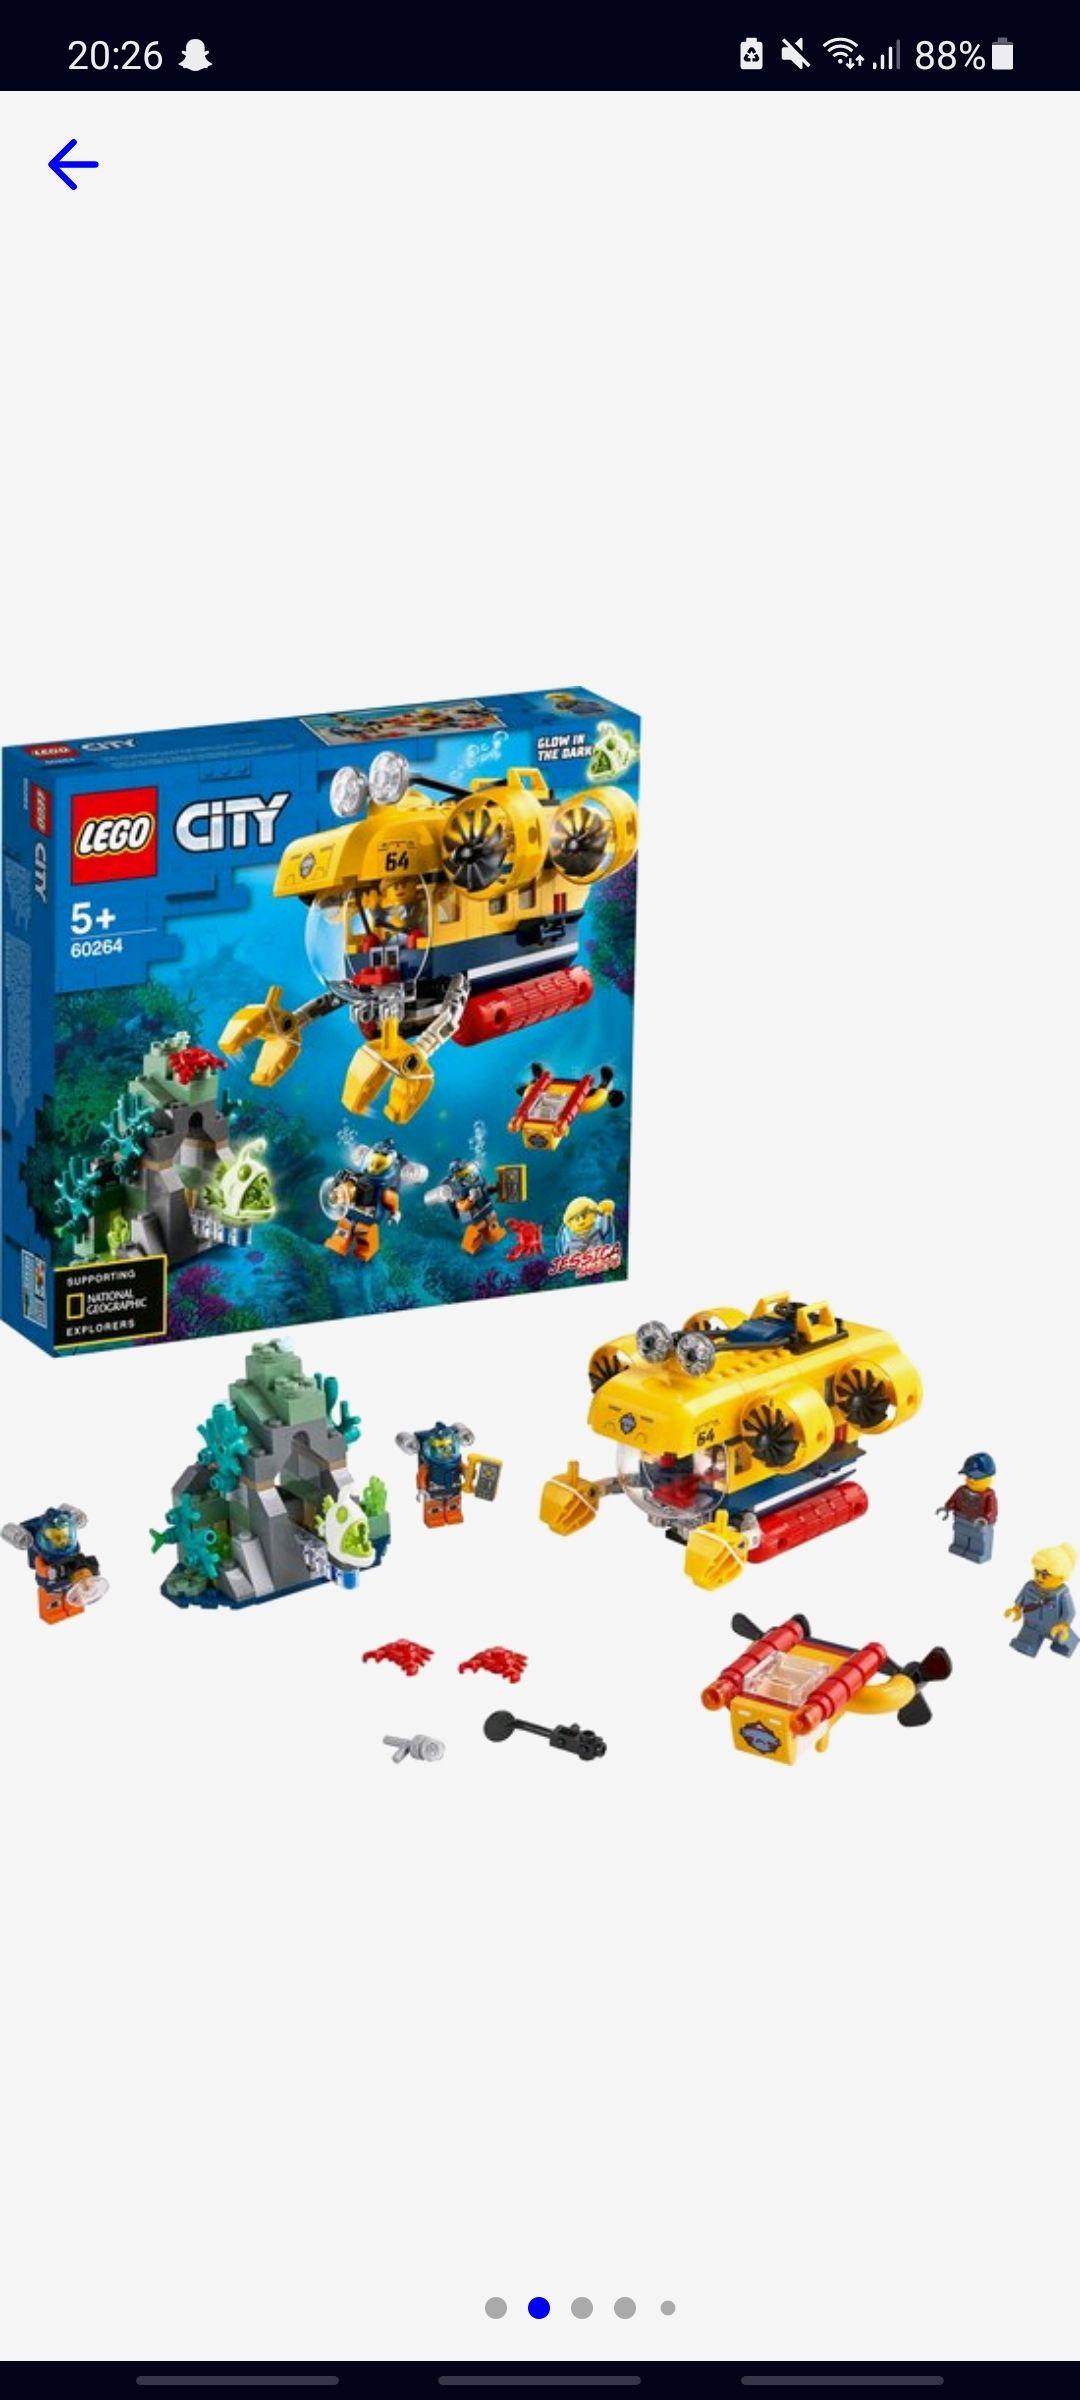 Lego 60264, oceaan verkenningsduikboot